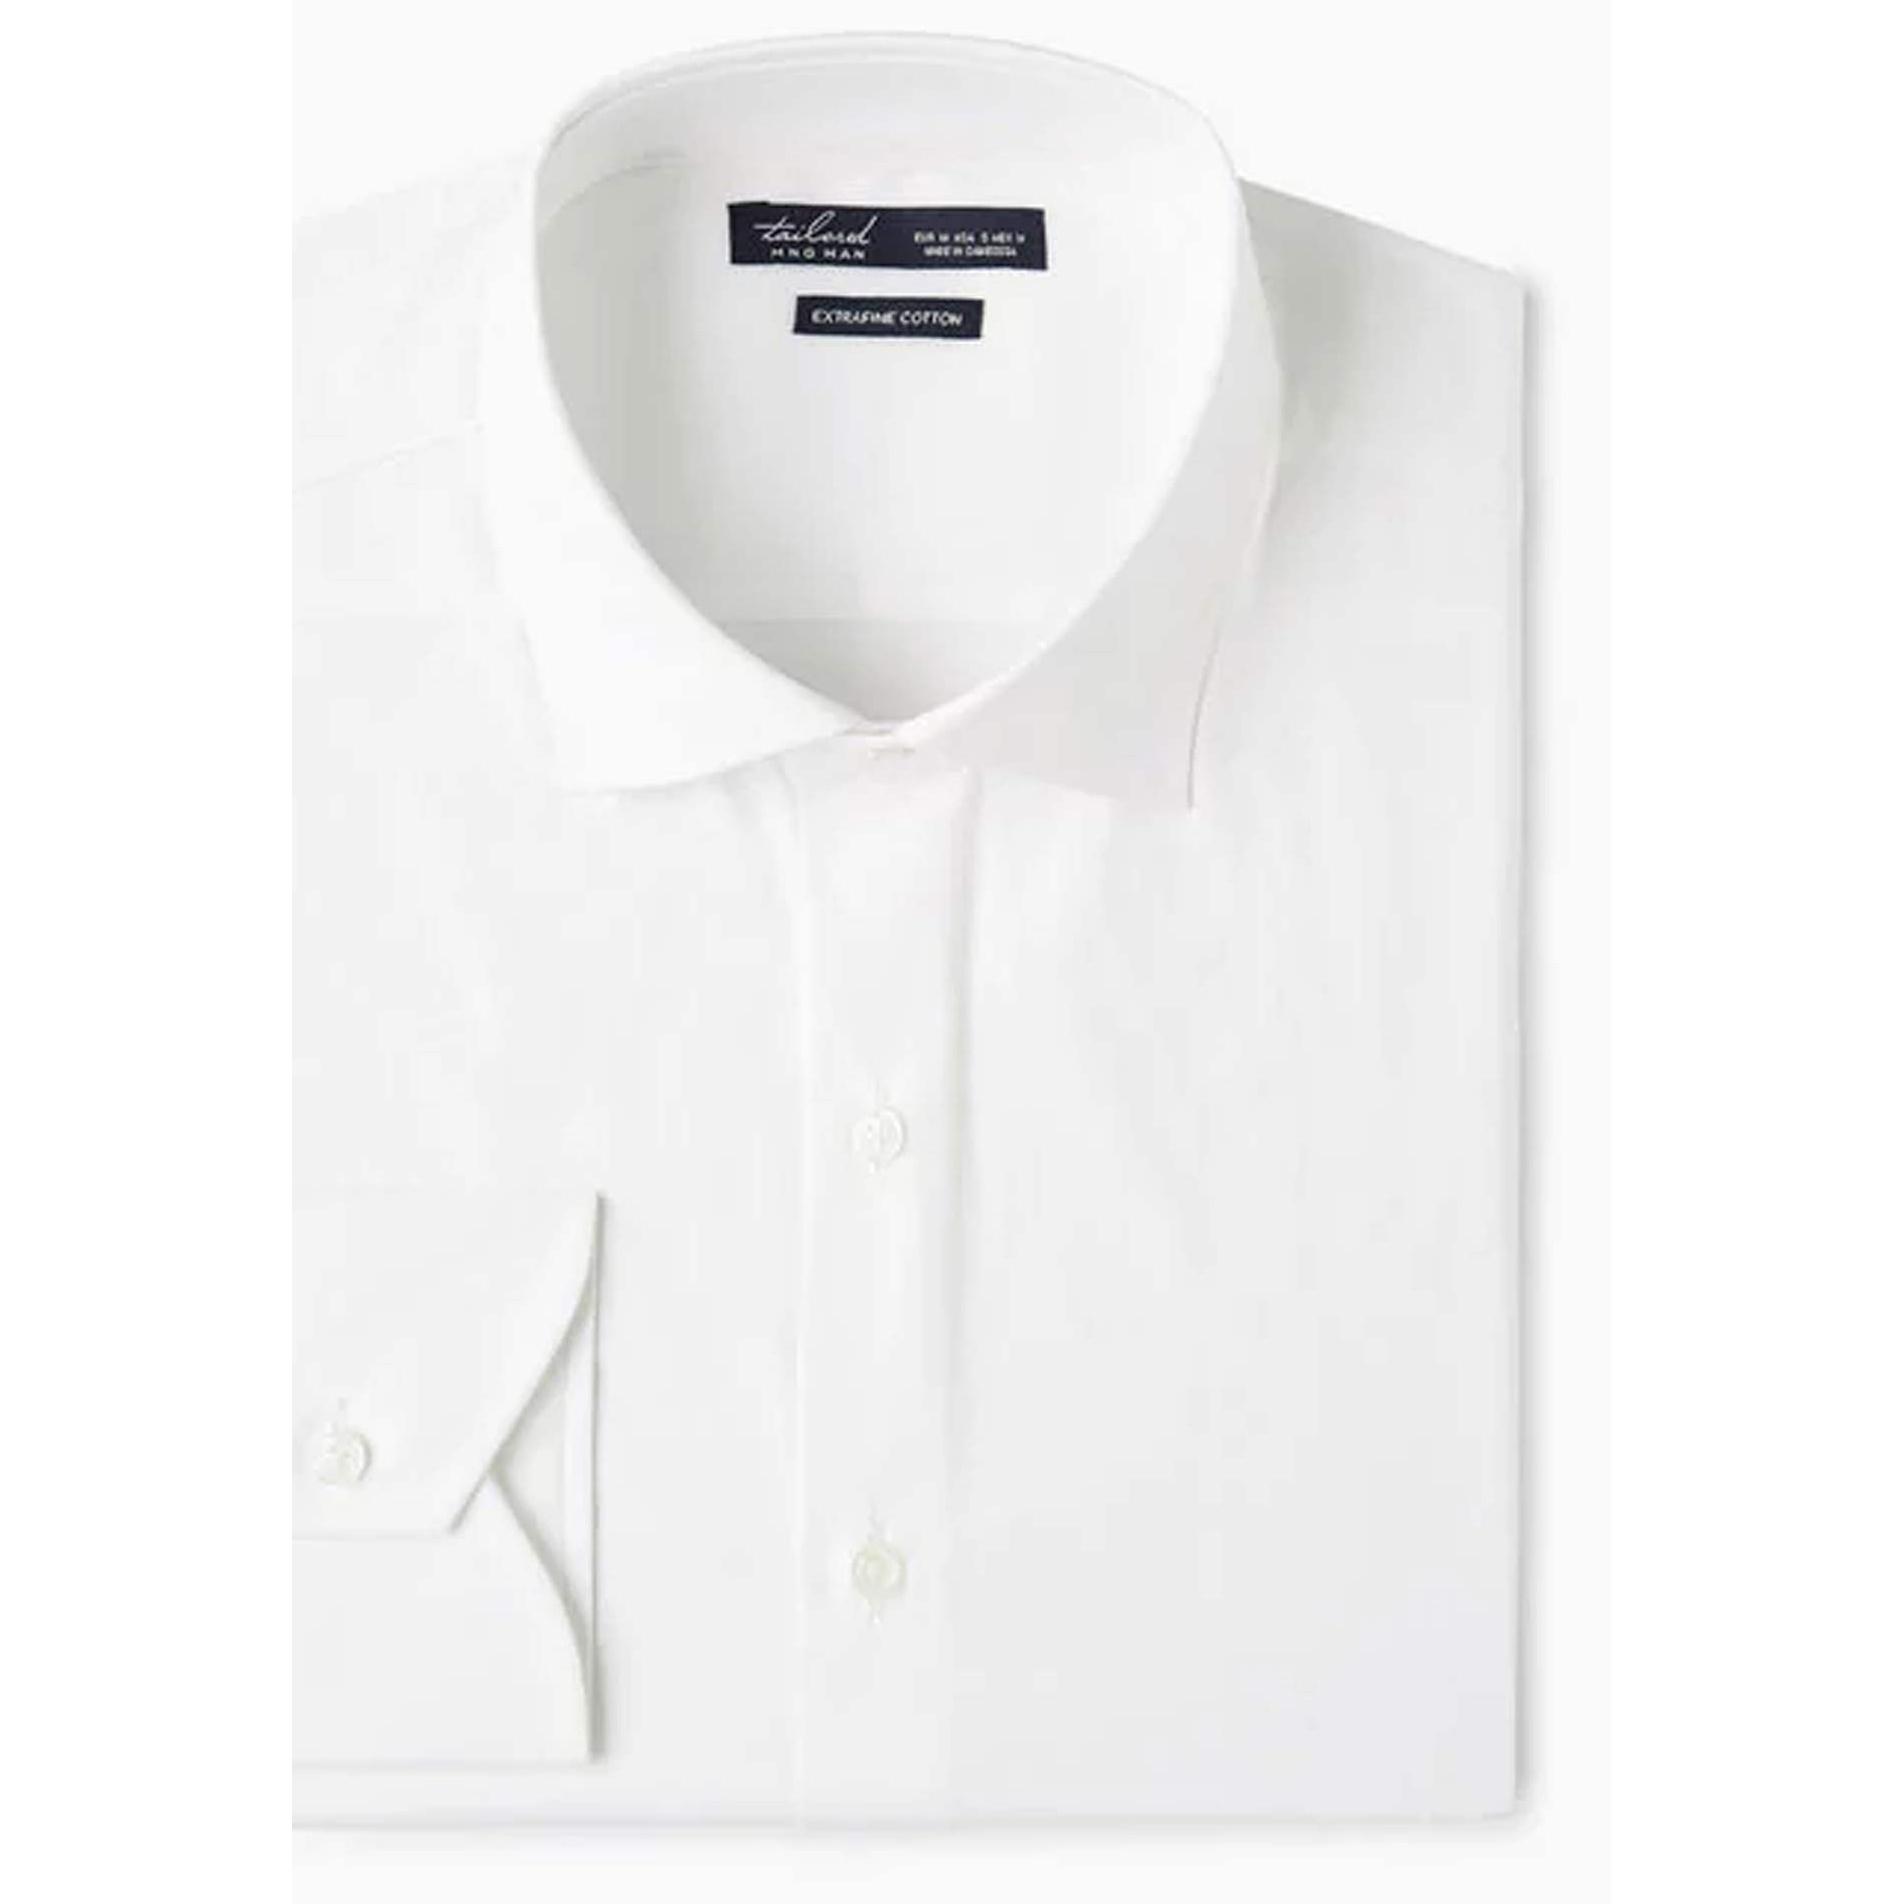 پیراهن نخی آستین بلند مردانه – مانگو